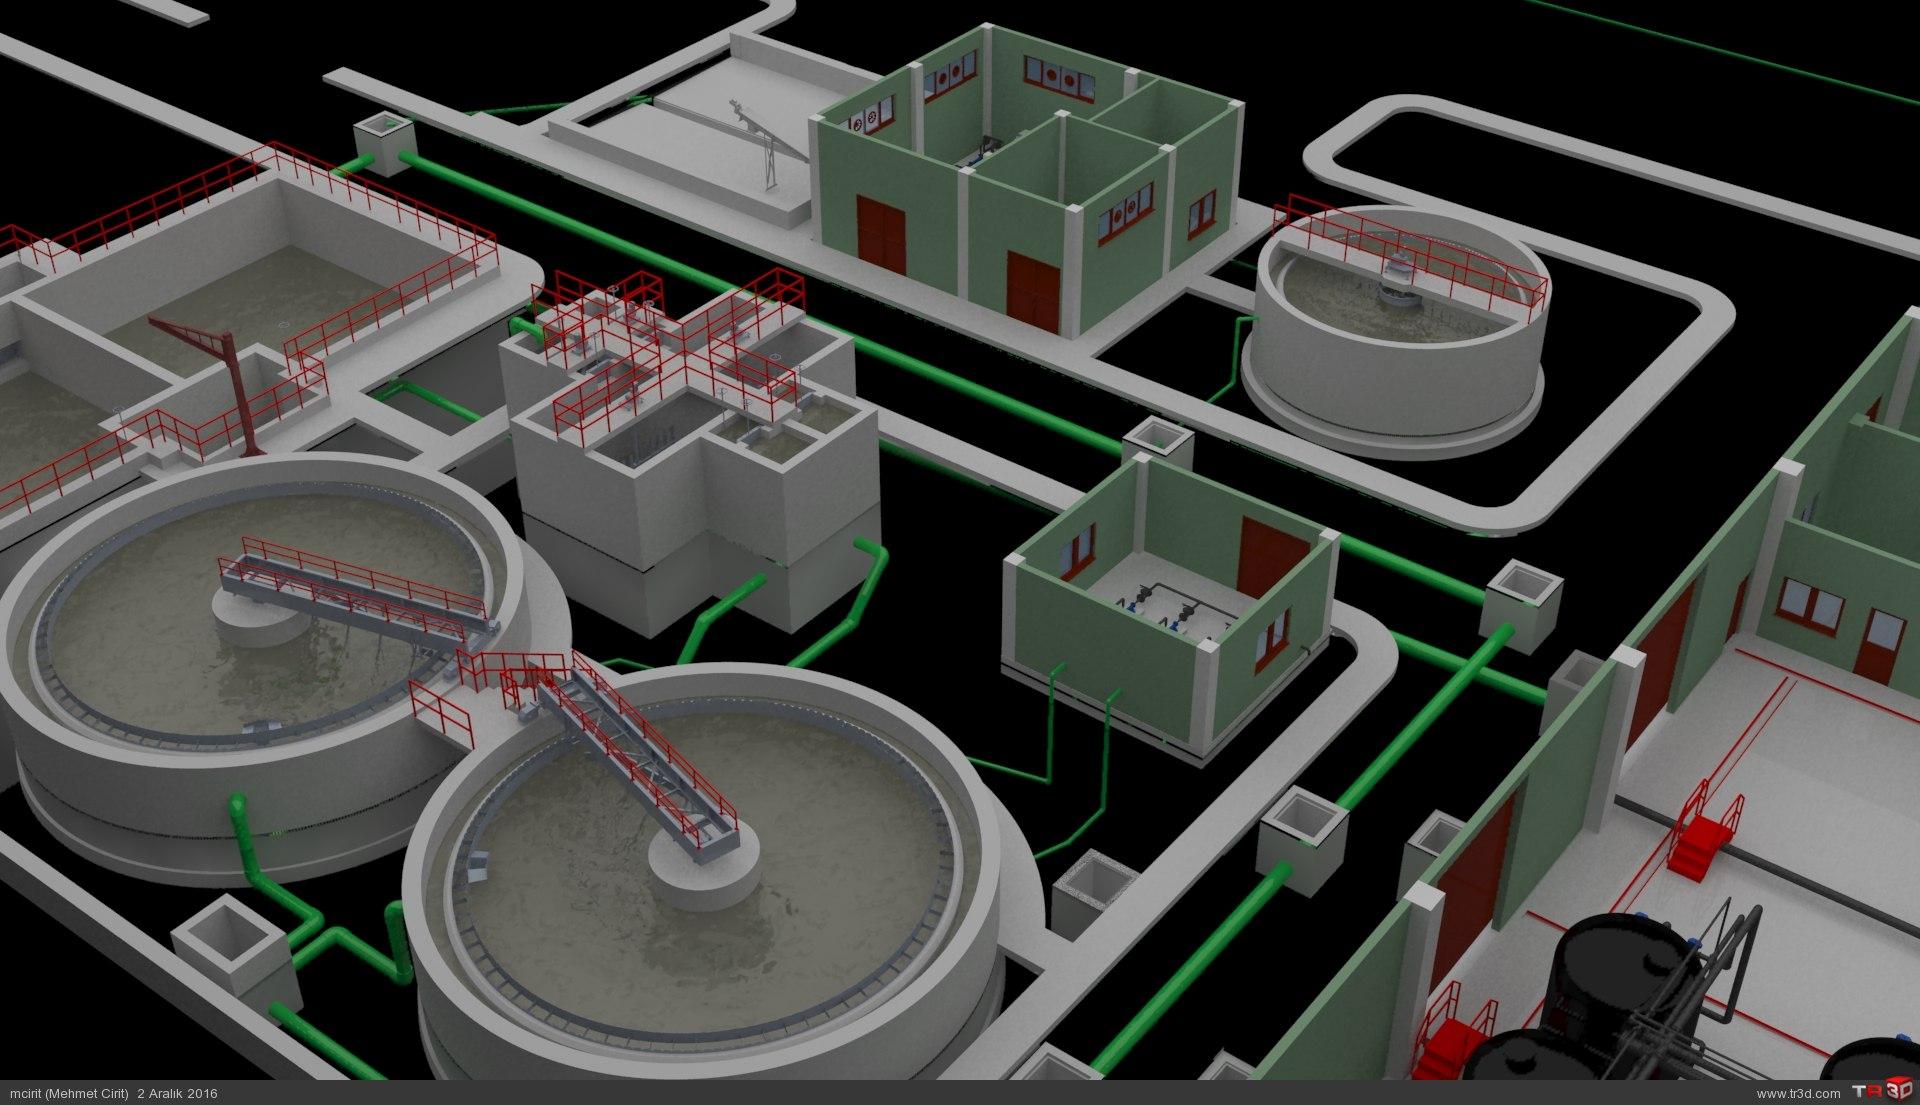 ARC WT Co. Tunçbilek Kömür Suyu Biyolojik, Kimyasal Arıtma Tesisi 5